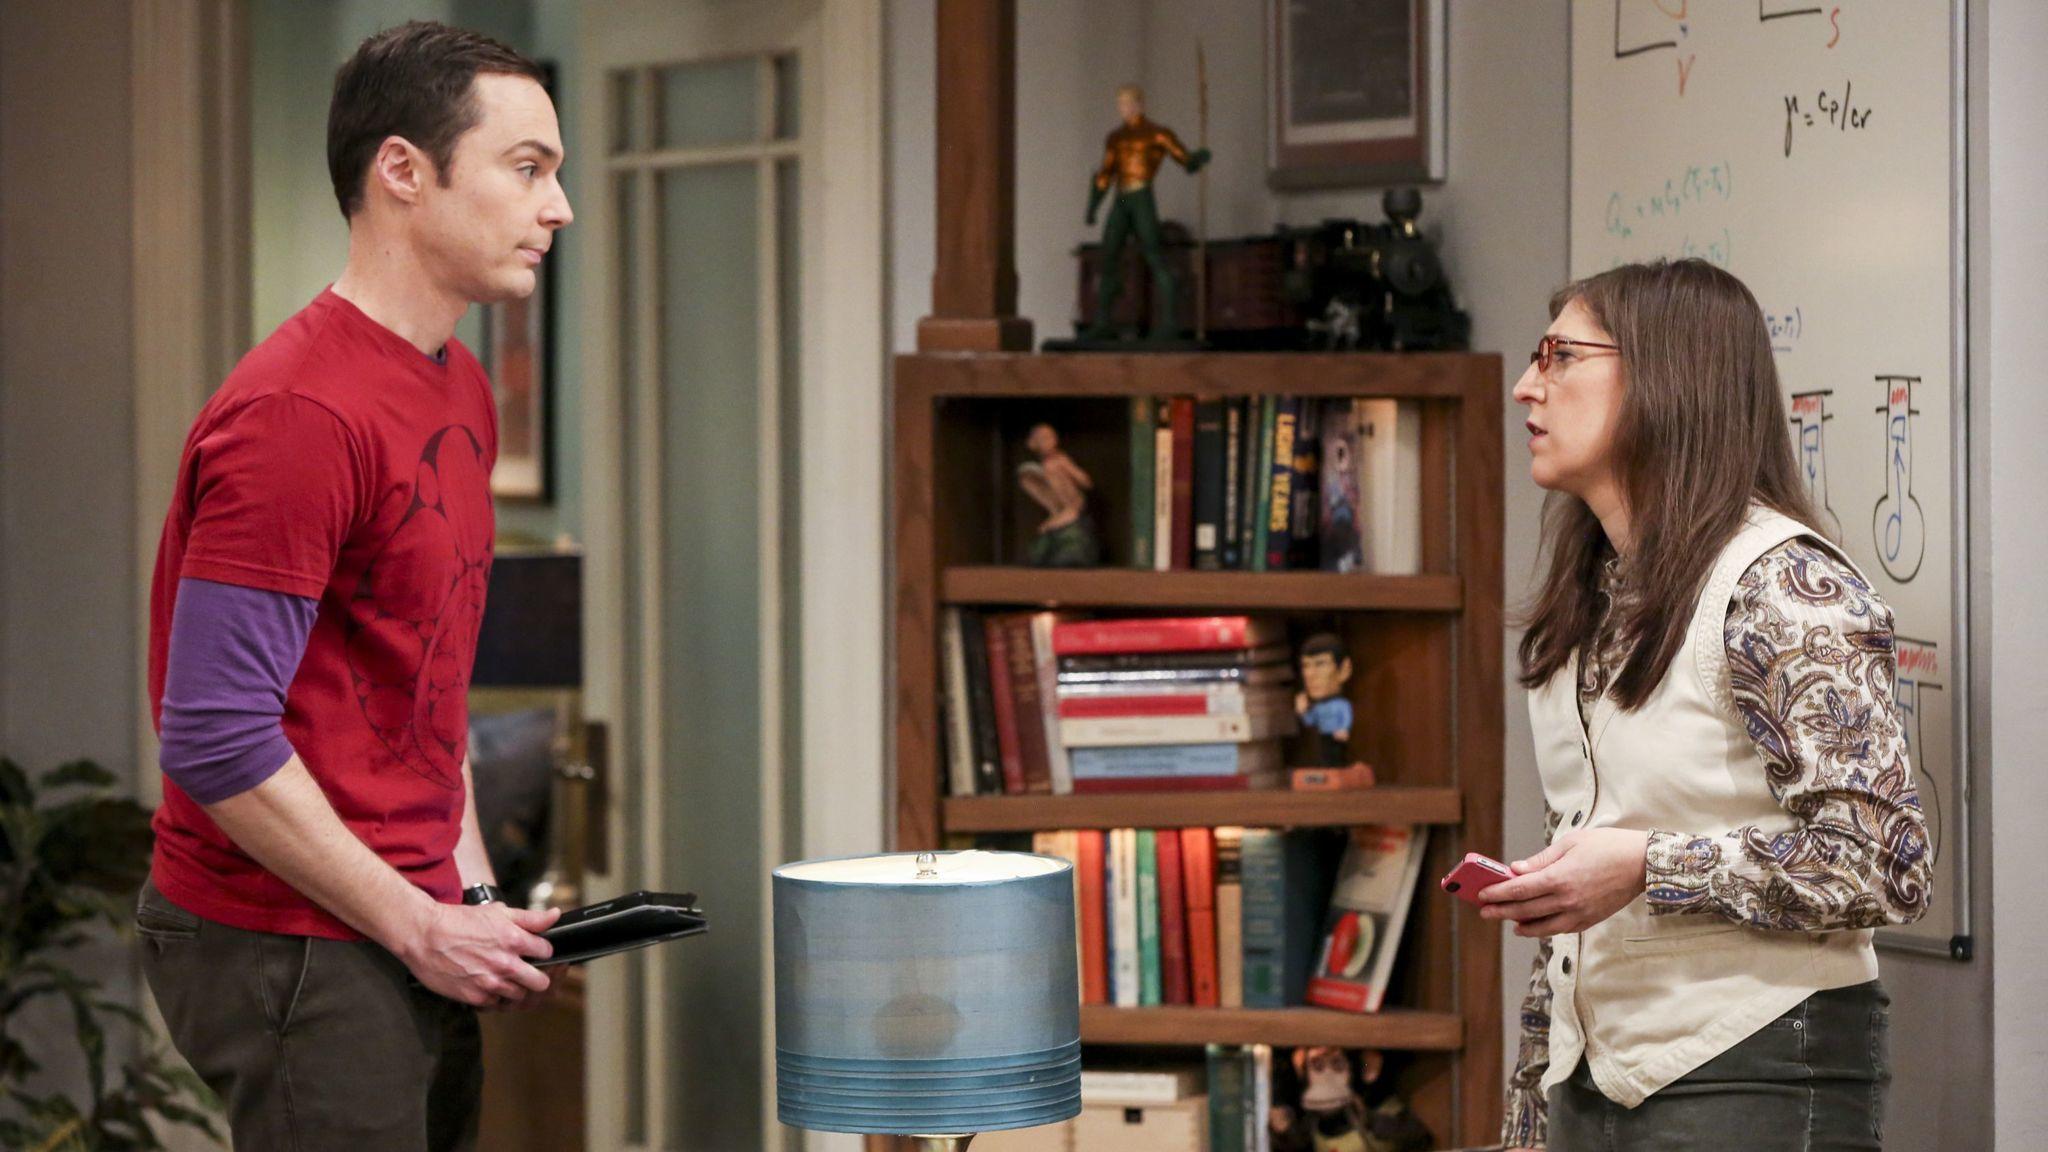 big bang theory season spoilers episode synopsis teases big bang theory sex symbol sheldon scores